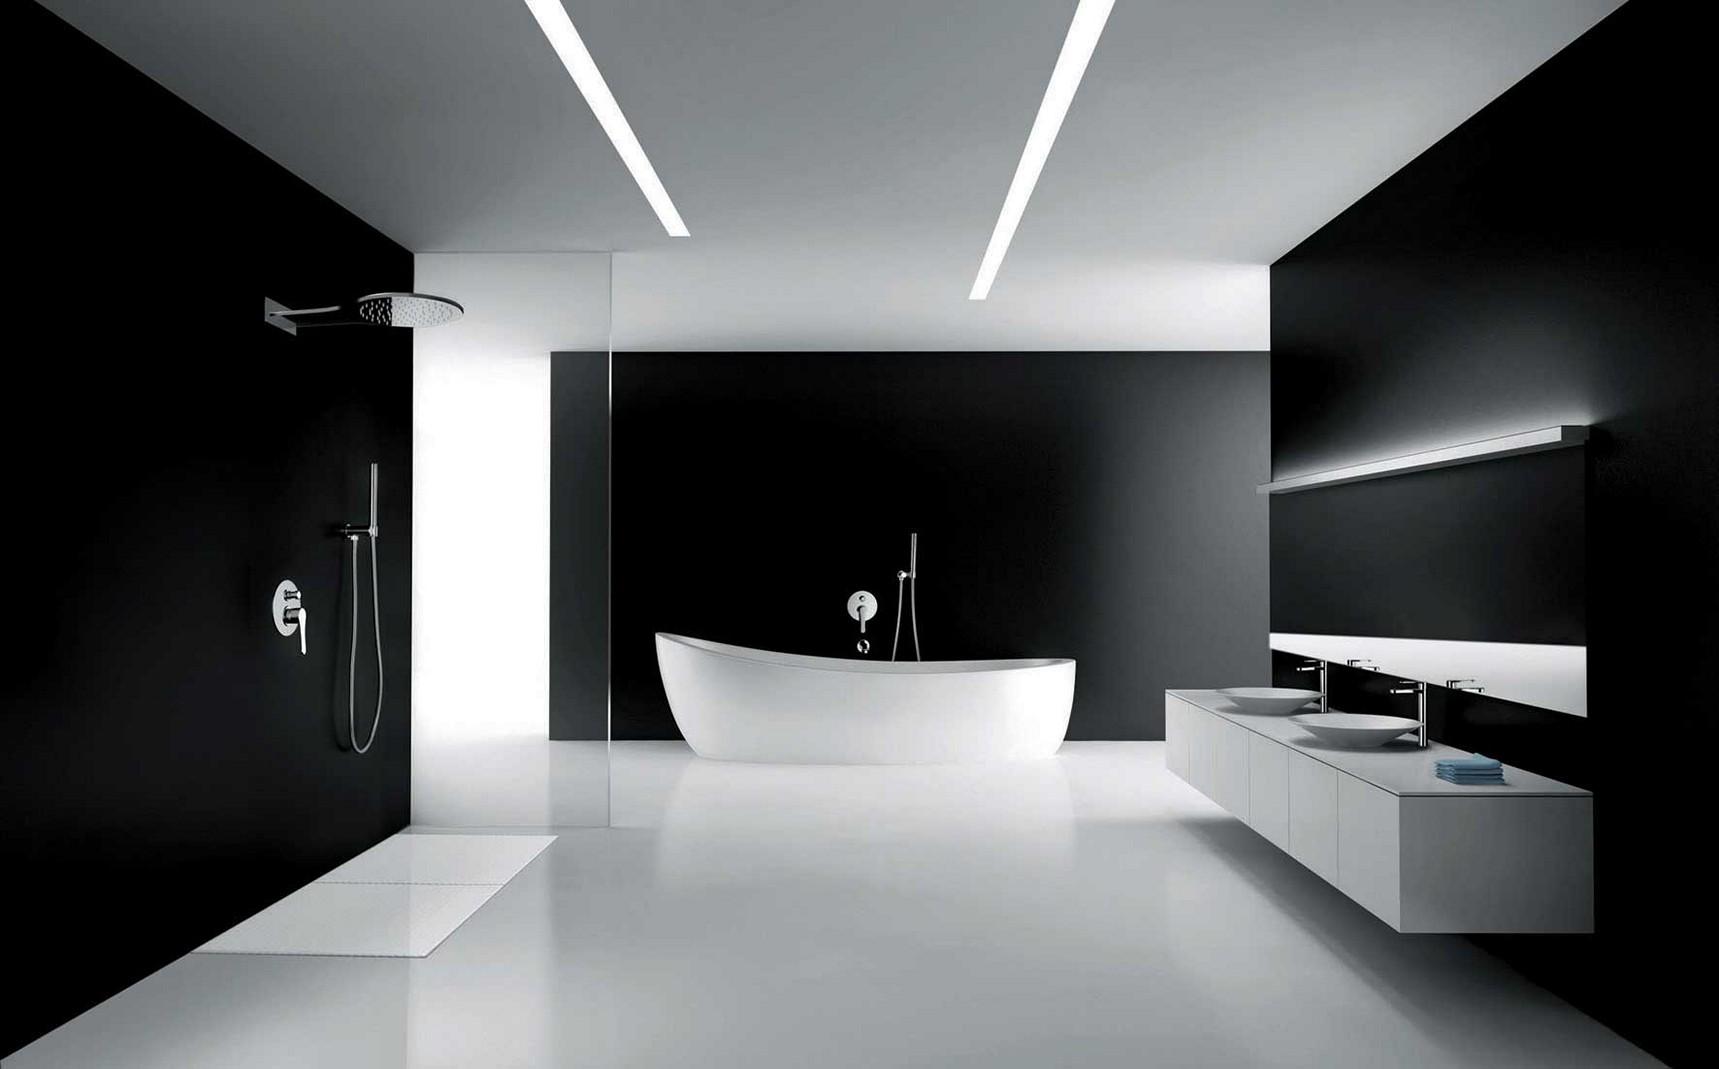 ห้องน้ำโทนสีขาว ดีไซน์เรียบง่ายบนความคลาสสิคที่หน้าหลงไหล